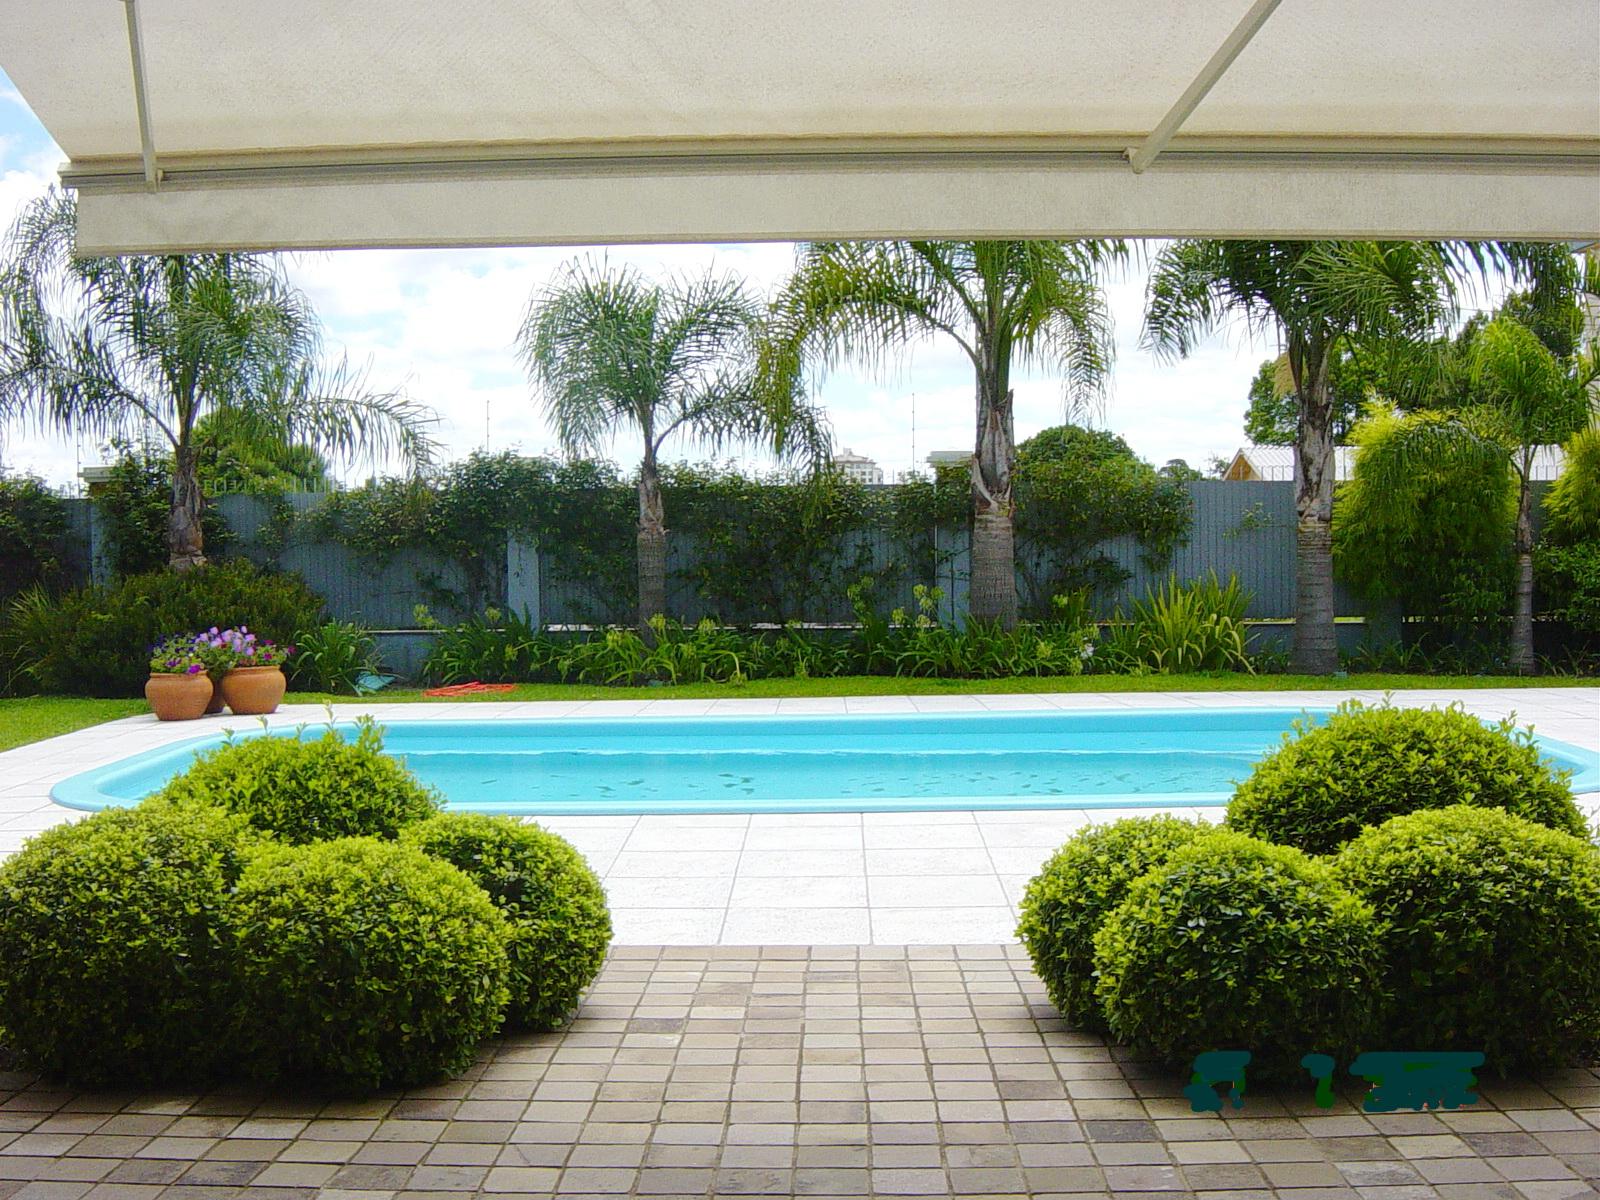 Jardim em residencia: Buxus, palmeiras e jasmim perfumado